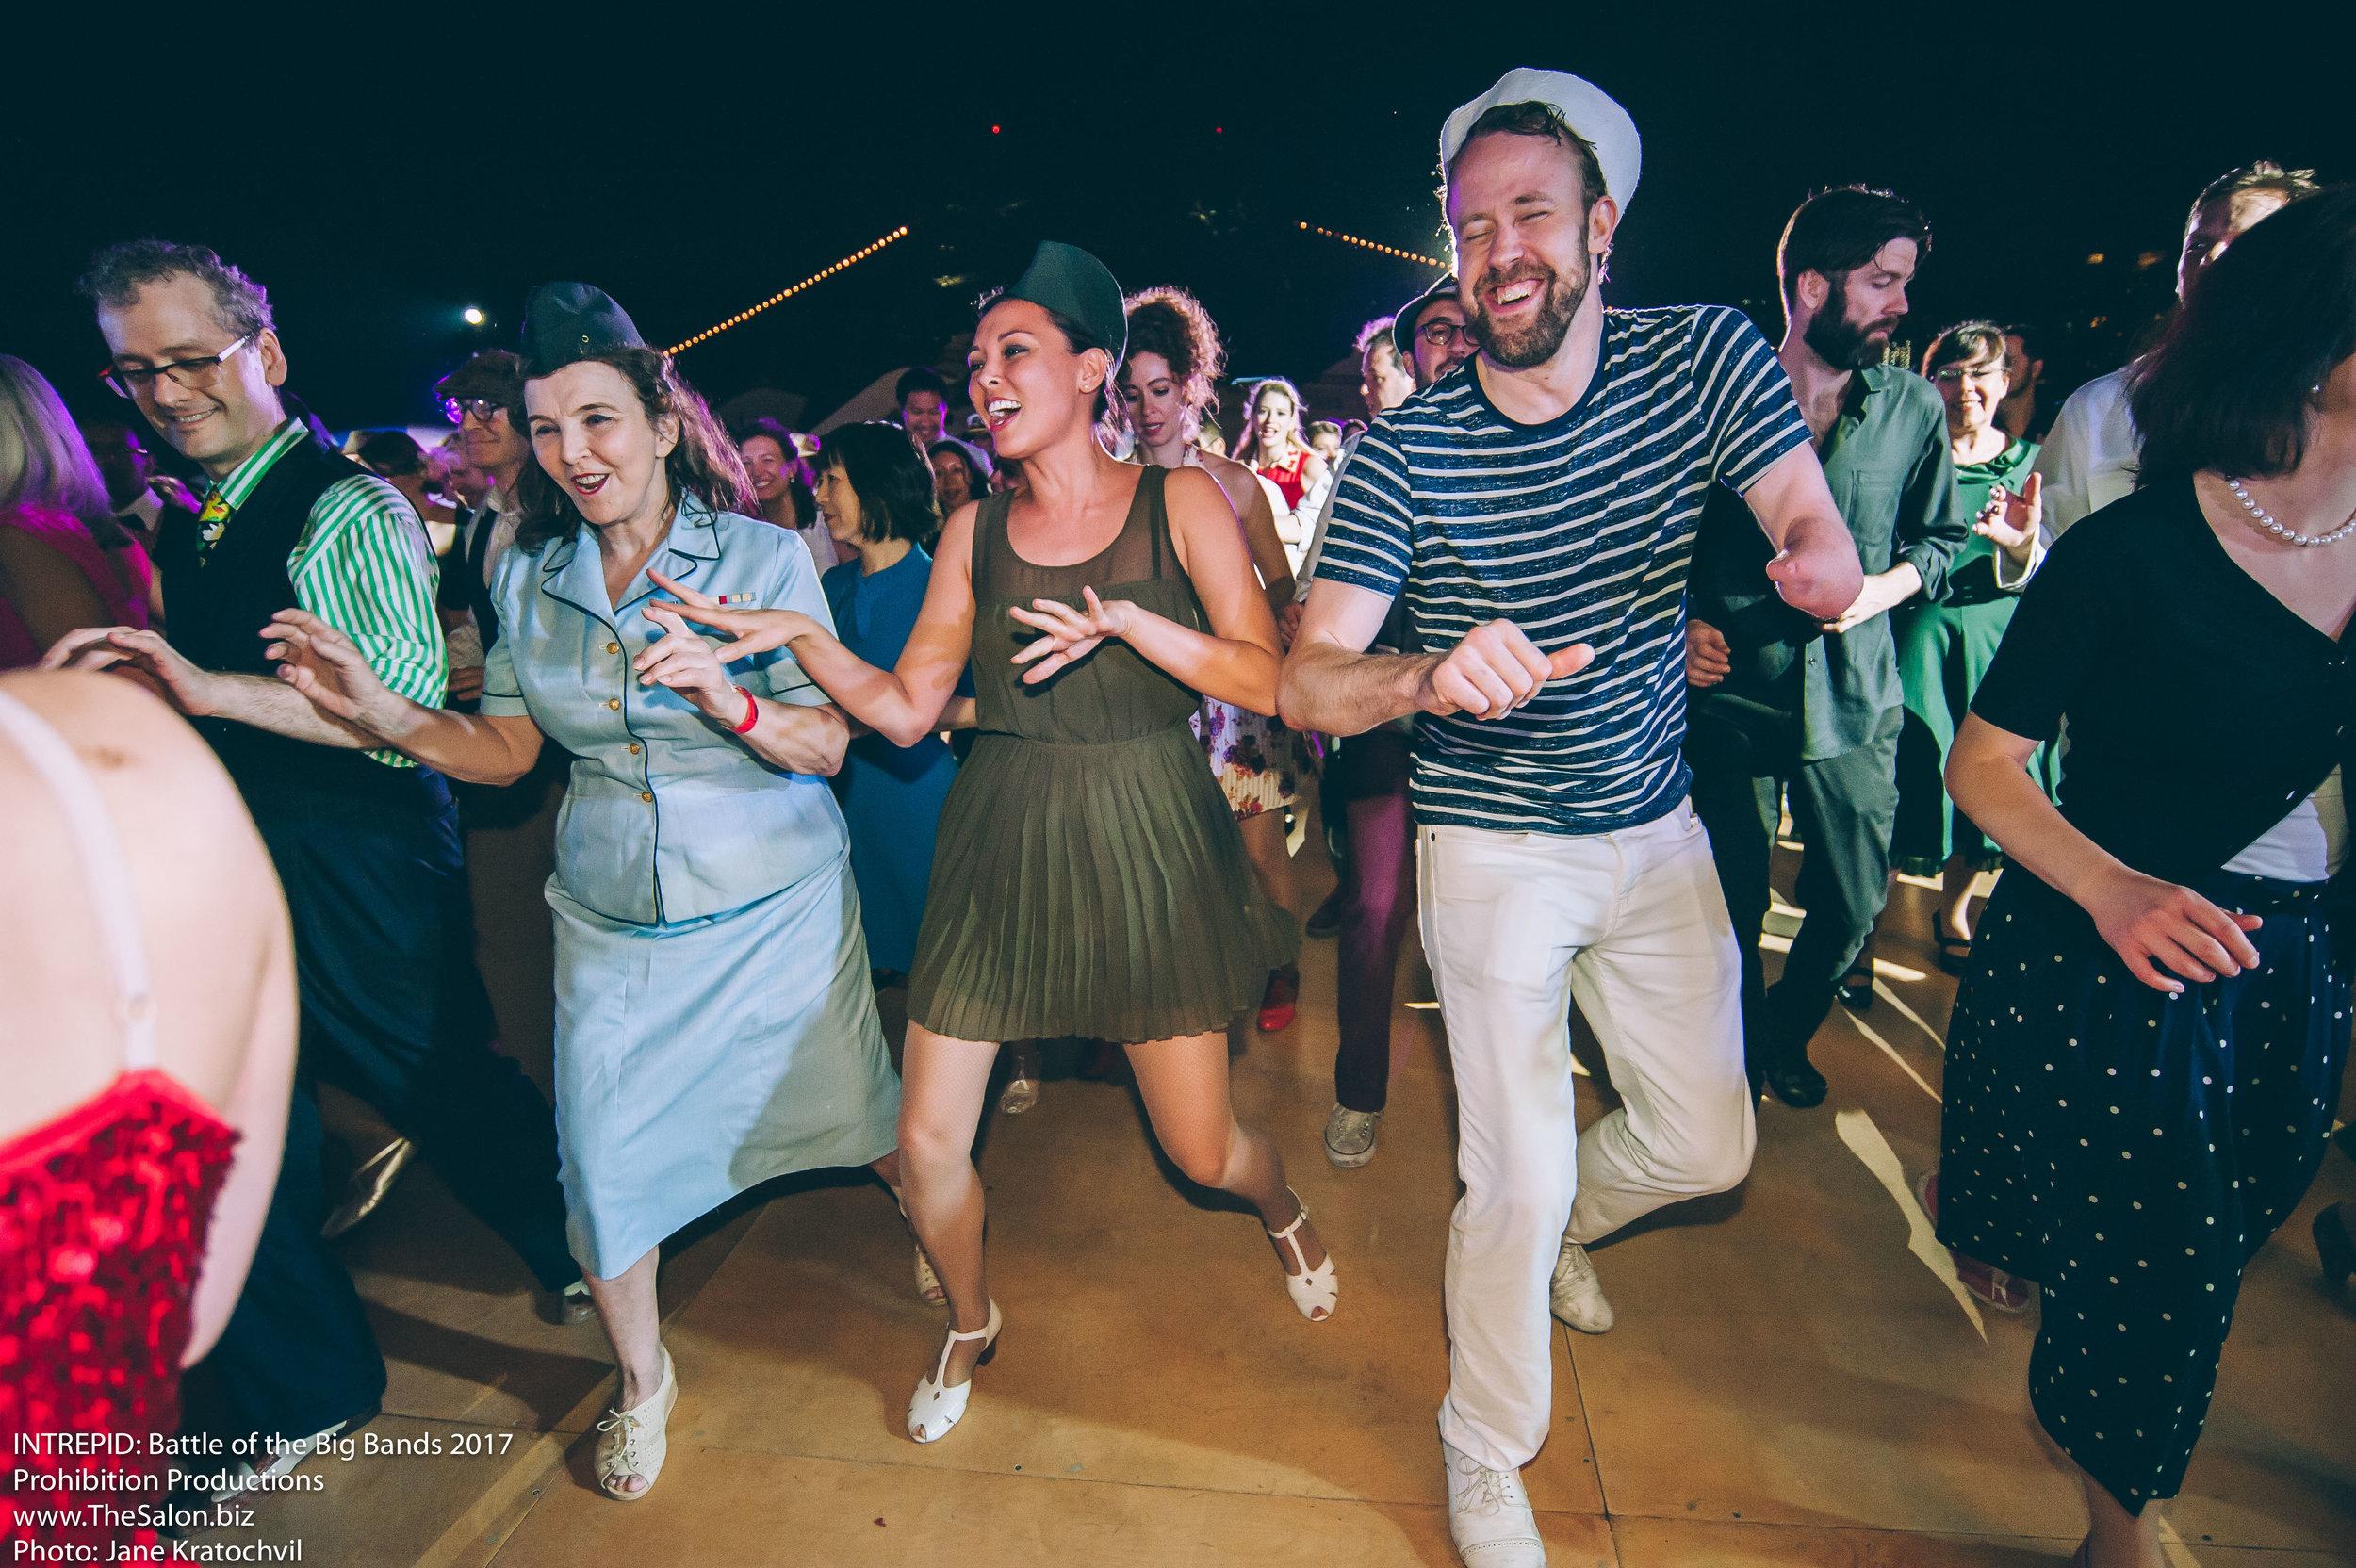 *IntrepidBattleoftheBands2017_jkratochvil_2983-dance.jpg